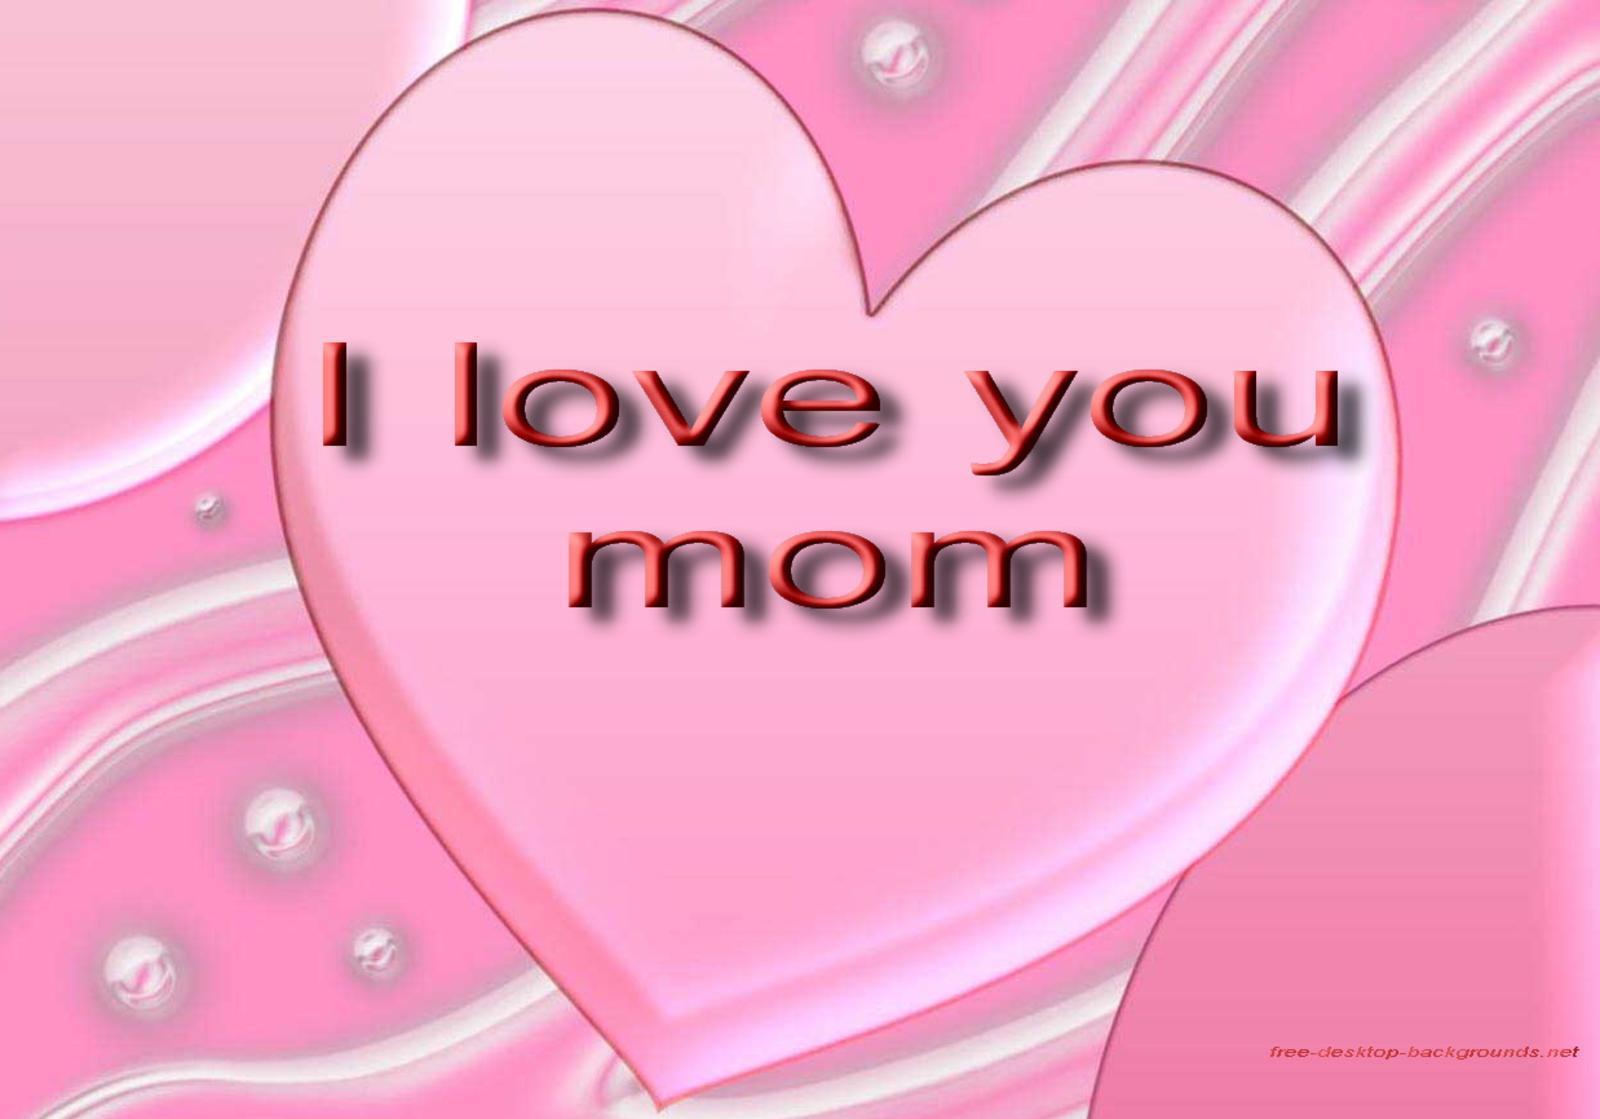 Love You Mom Desktop Wallpapers Desktop Background Wallpapers 1600x1119